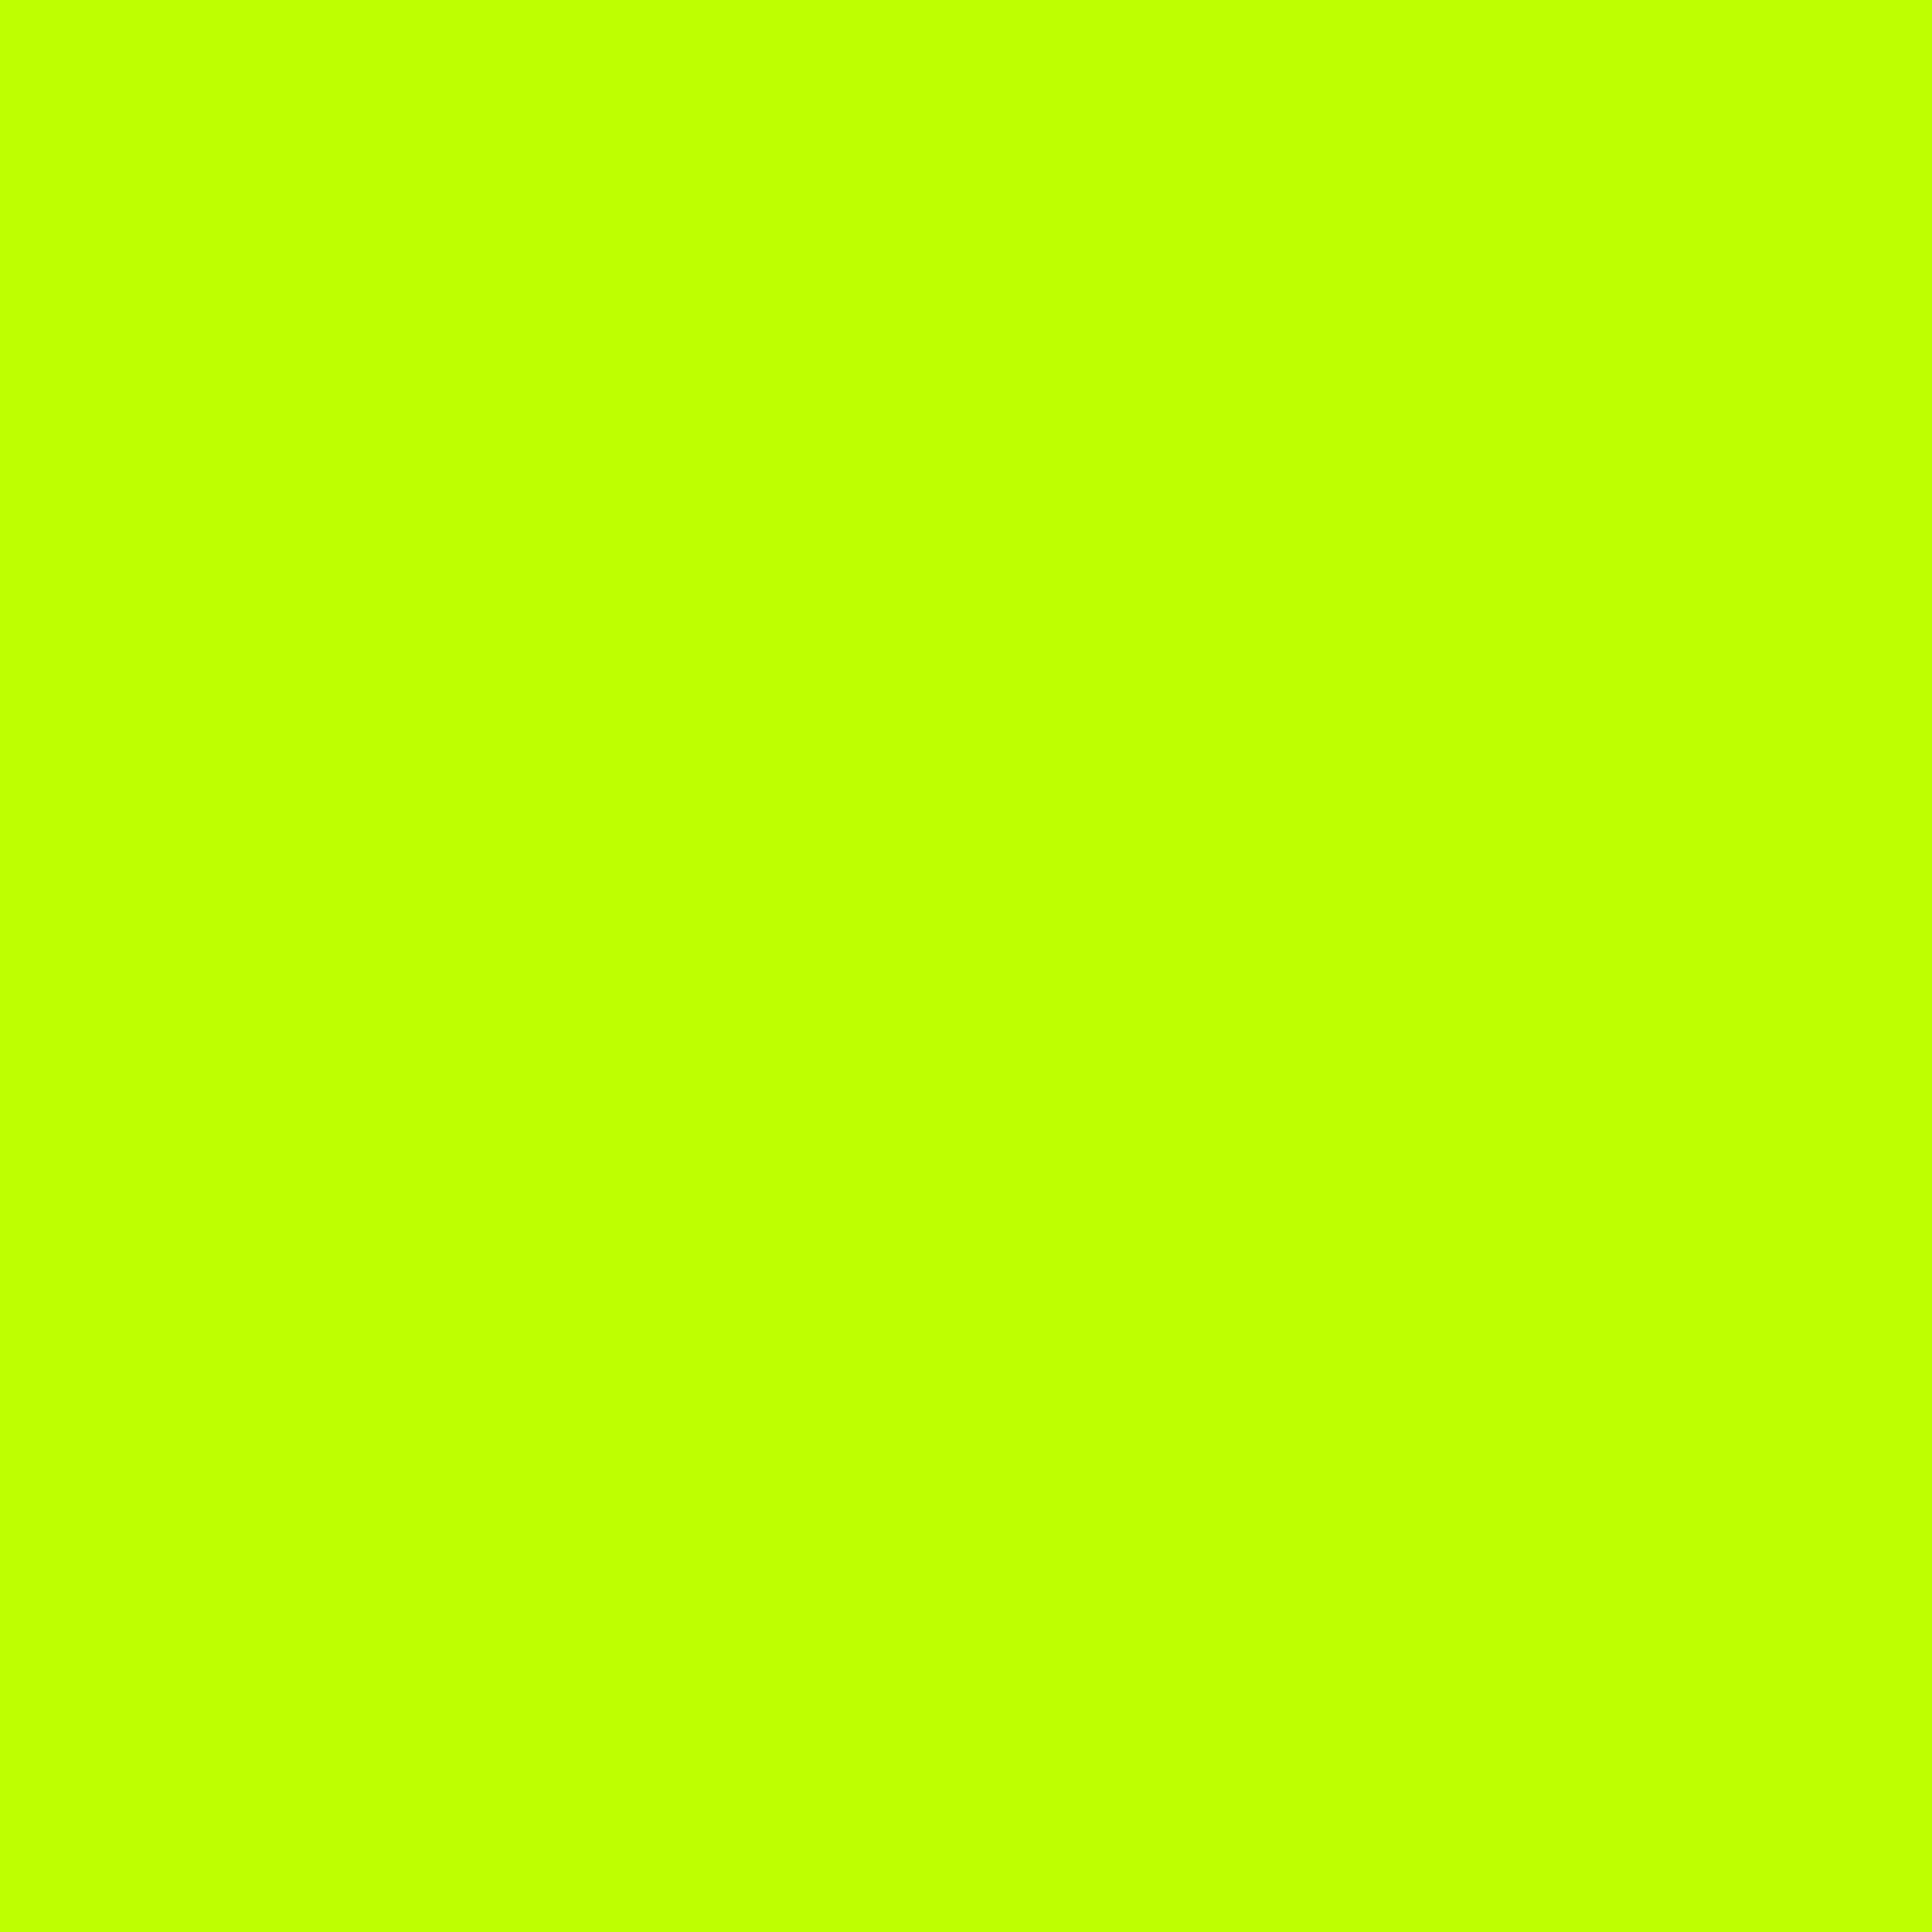 фотообъектив кислотно желтый цвет картинка это помещение